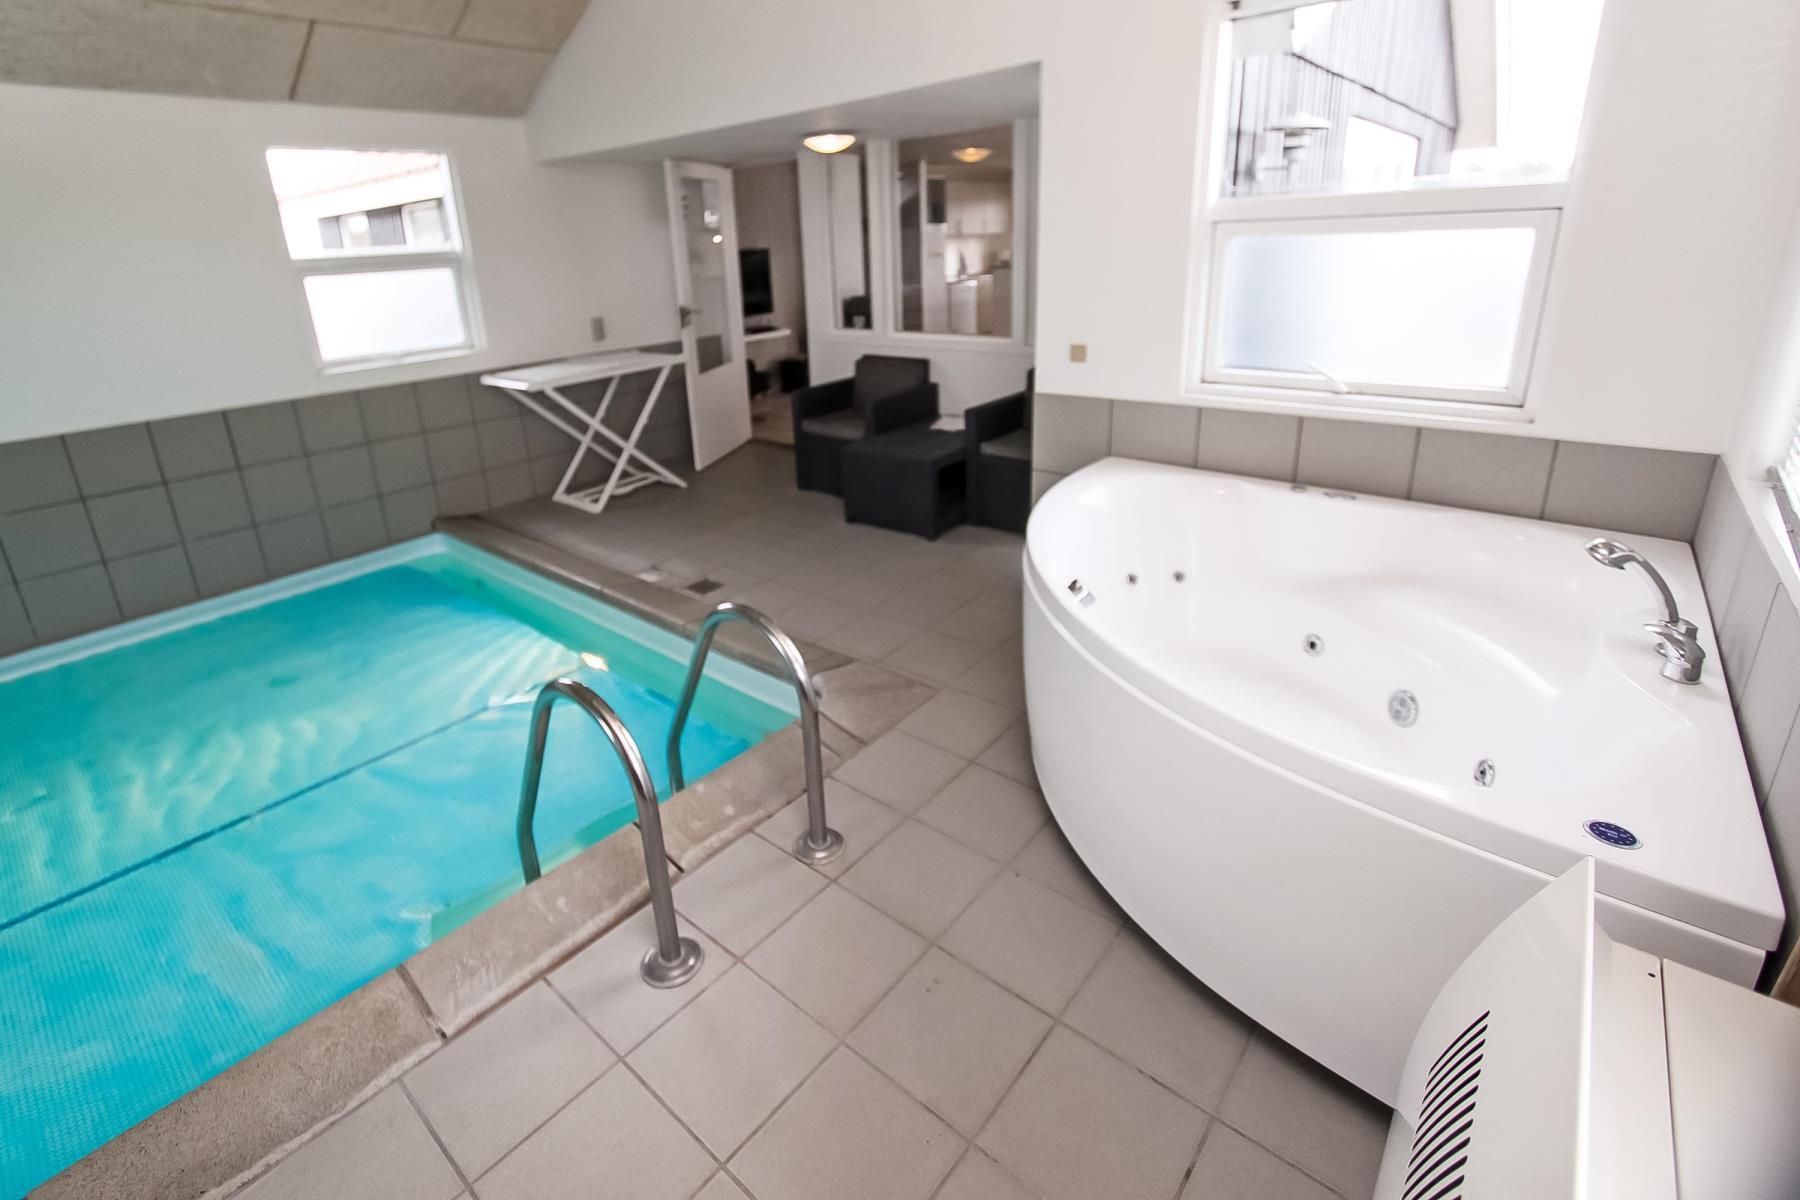 poolhaus f r 8 personen in vejlby klit am nordsee gelegen. Black Bedroom Furniture Sets. Home Design Ideas